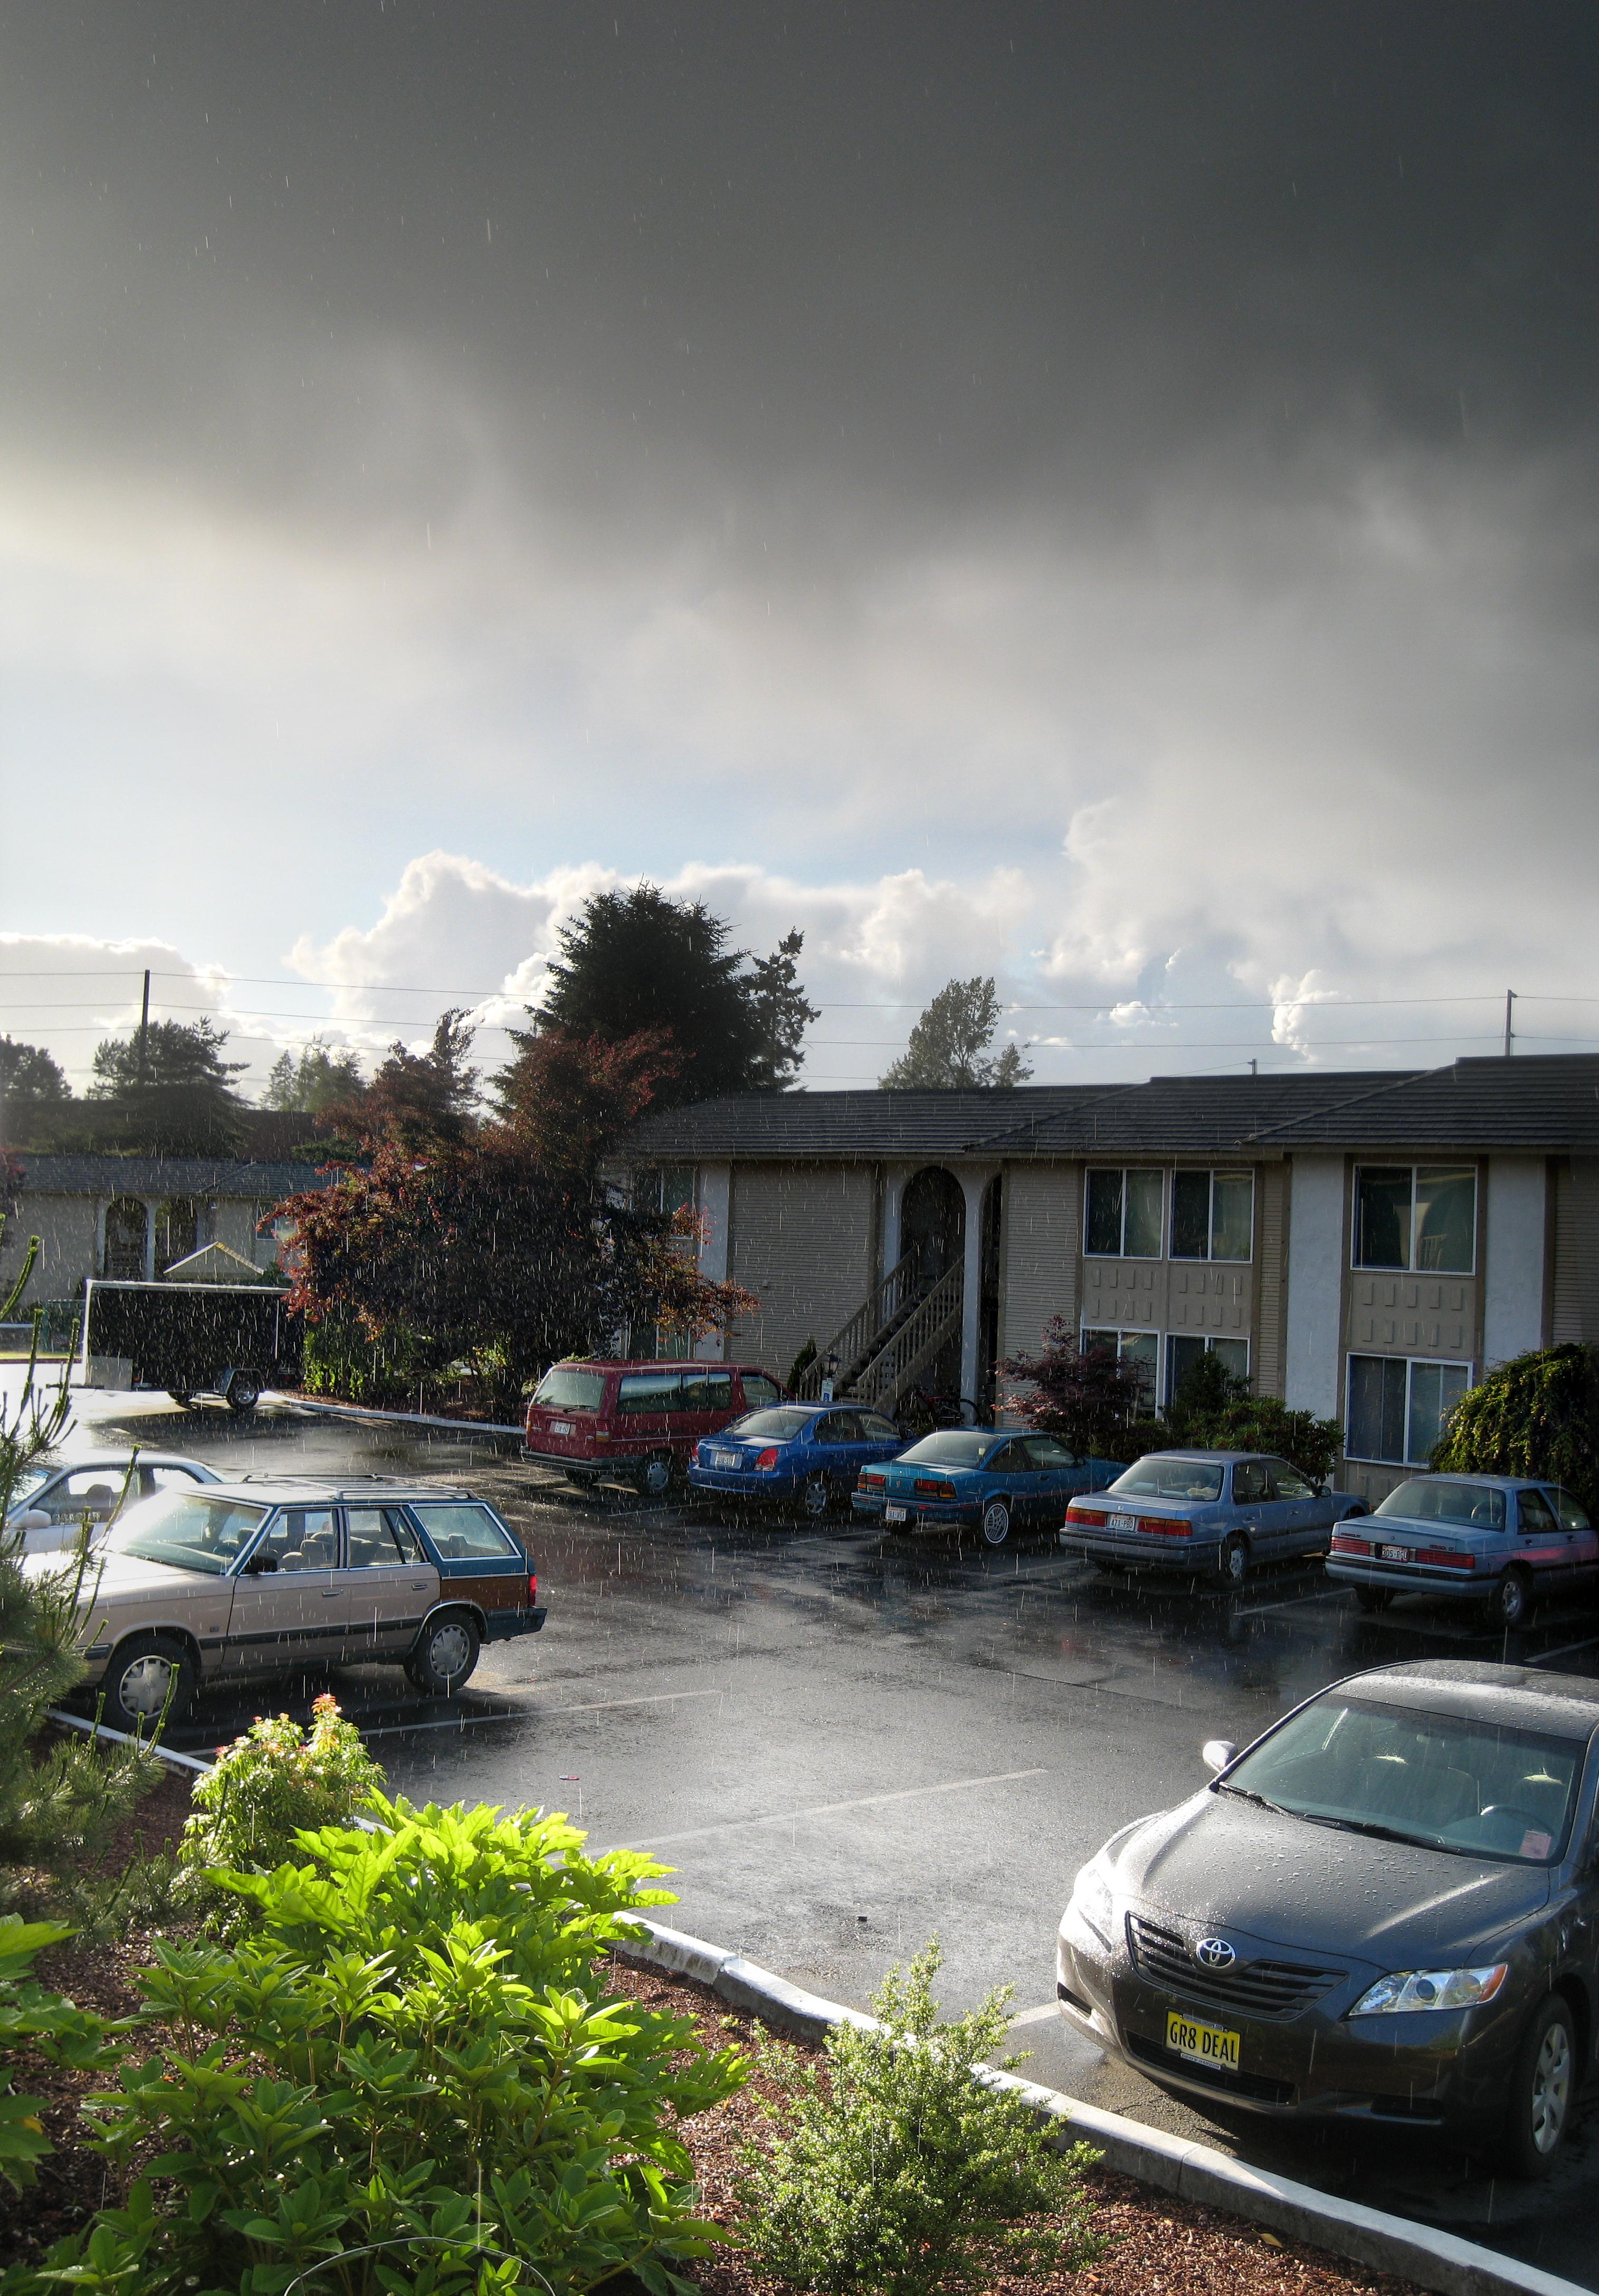 Sunshower  Wikiwand # Sunshower Home_164258